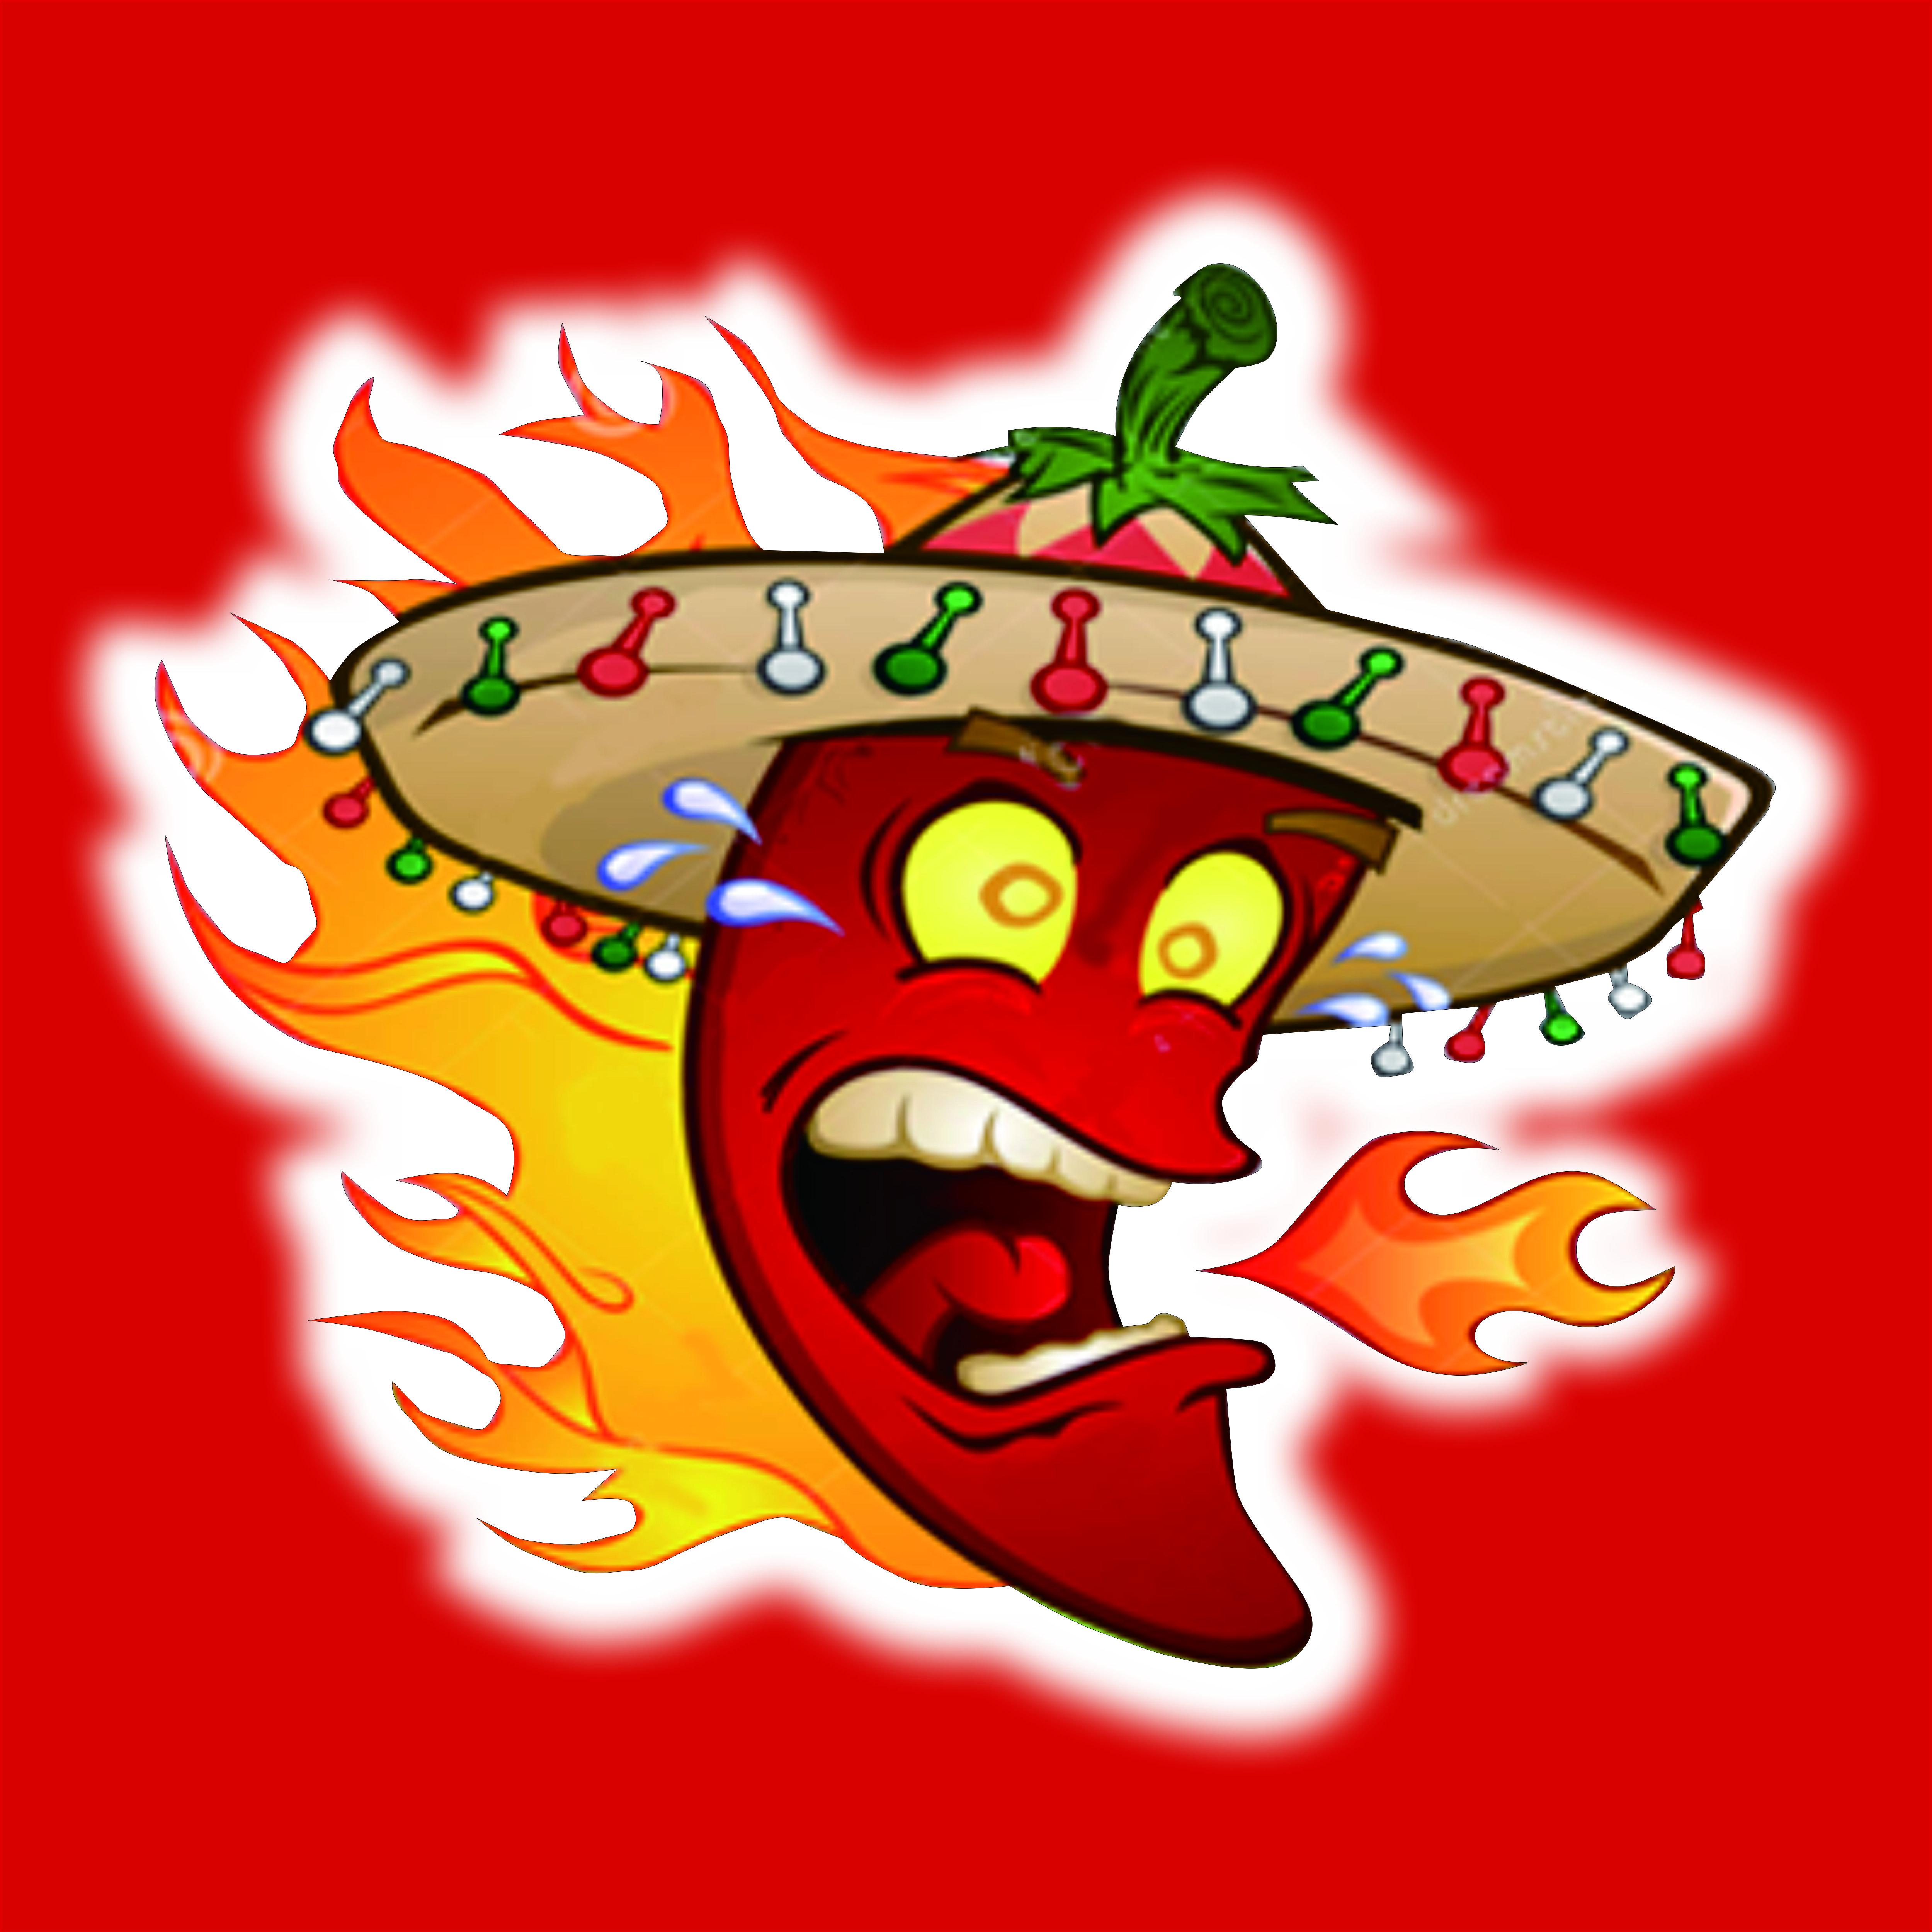 Logo Untuk Makanan Pedas Satu Bangsaku